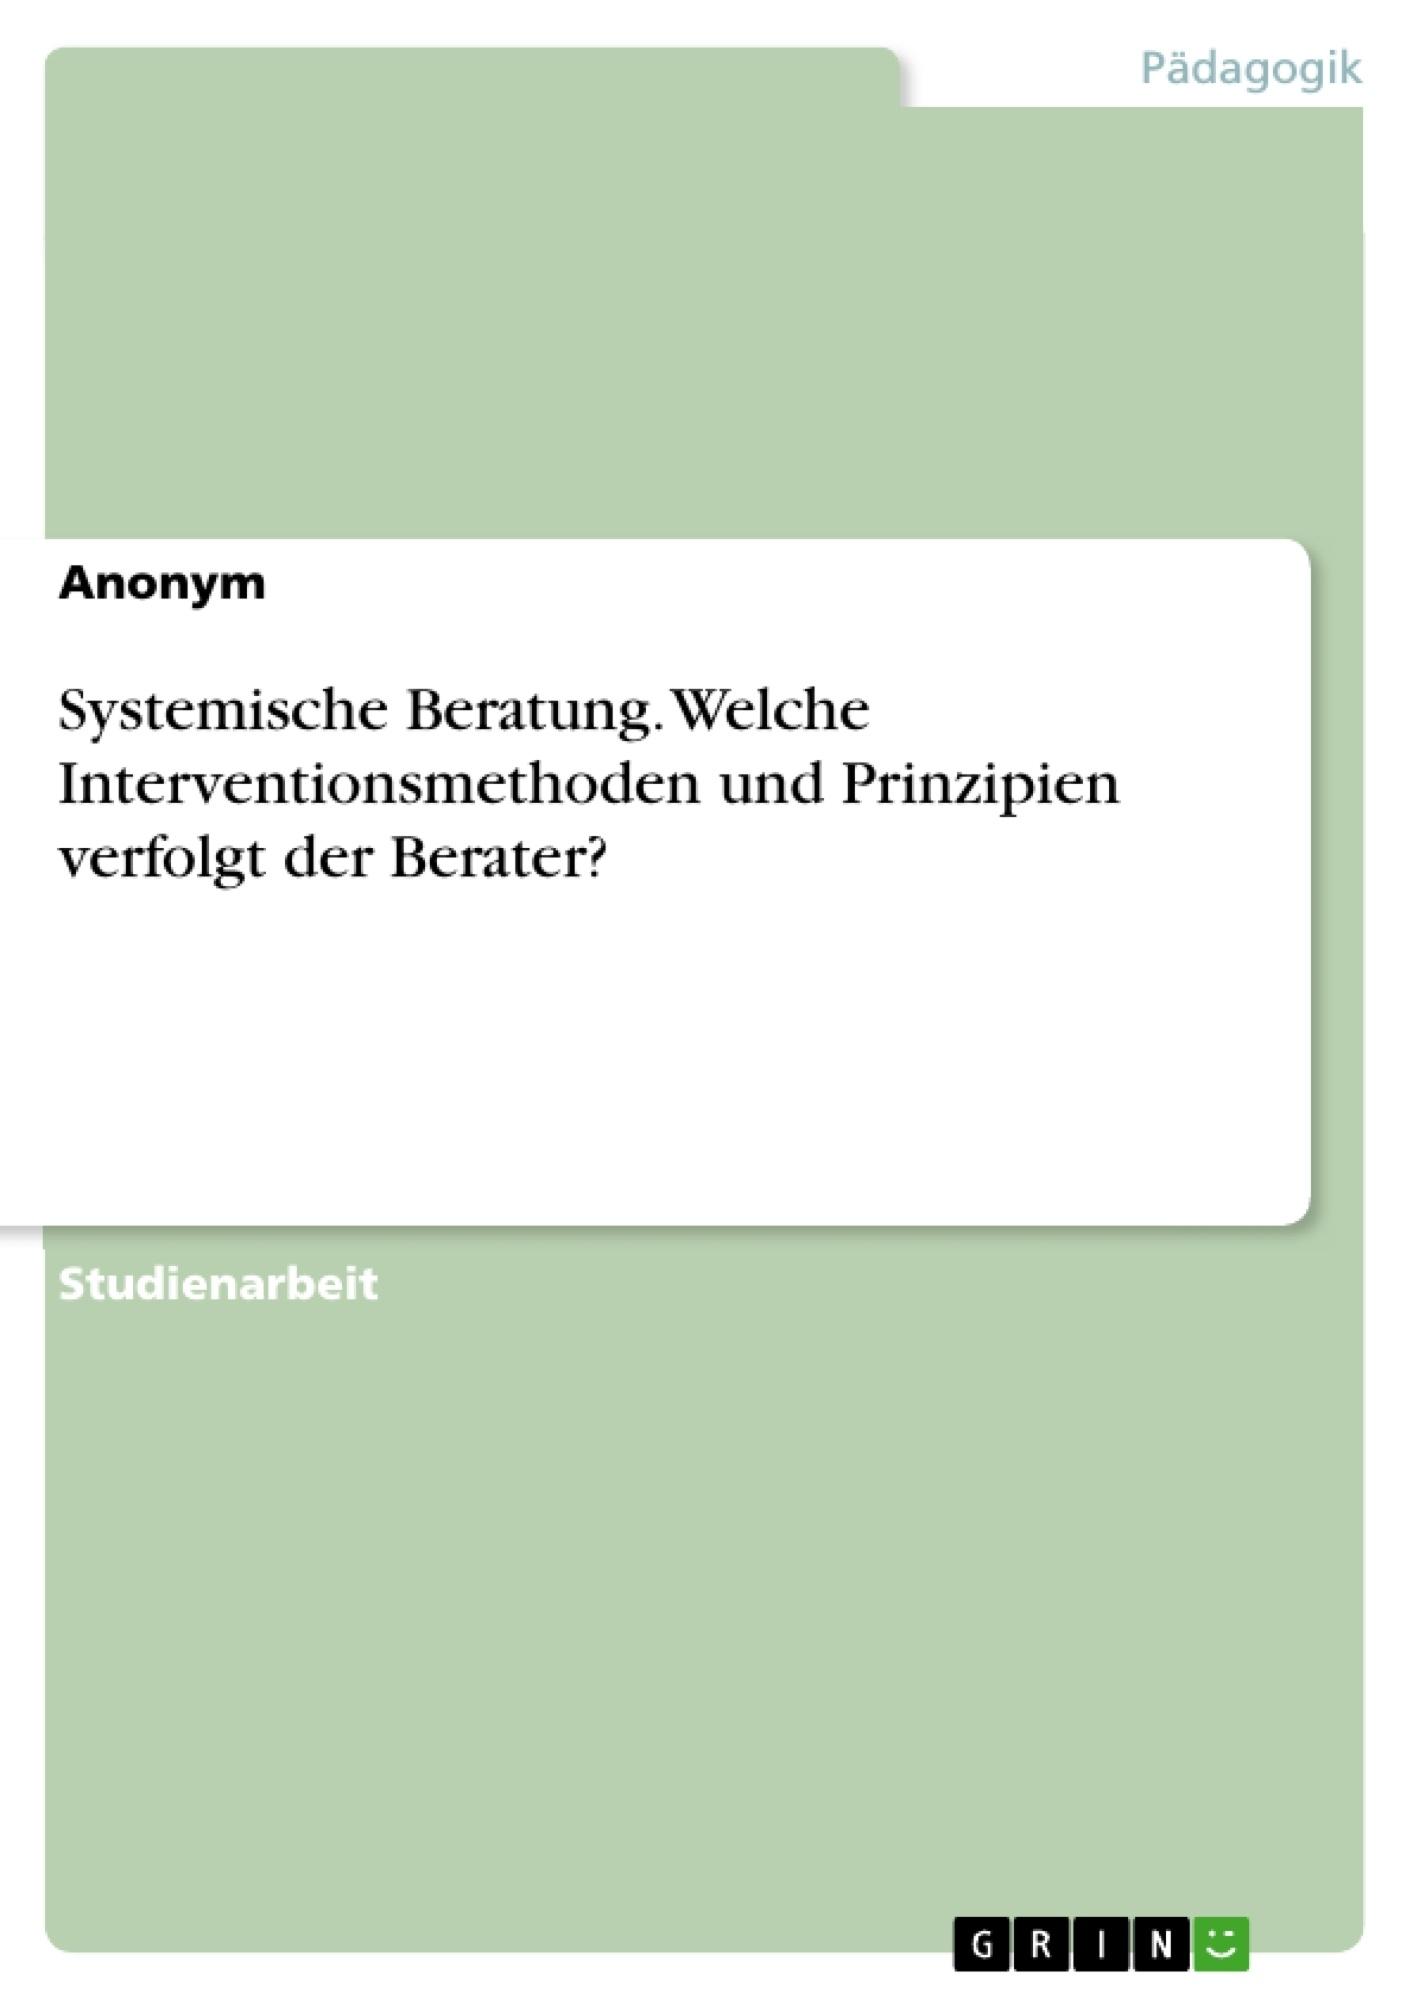 Titel: Systemische Beratung. Welche Interventionsmethoden und Prinzipien verfolgt der Berater?